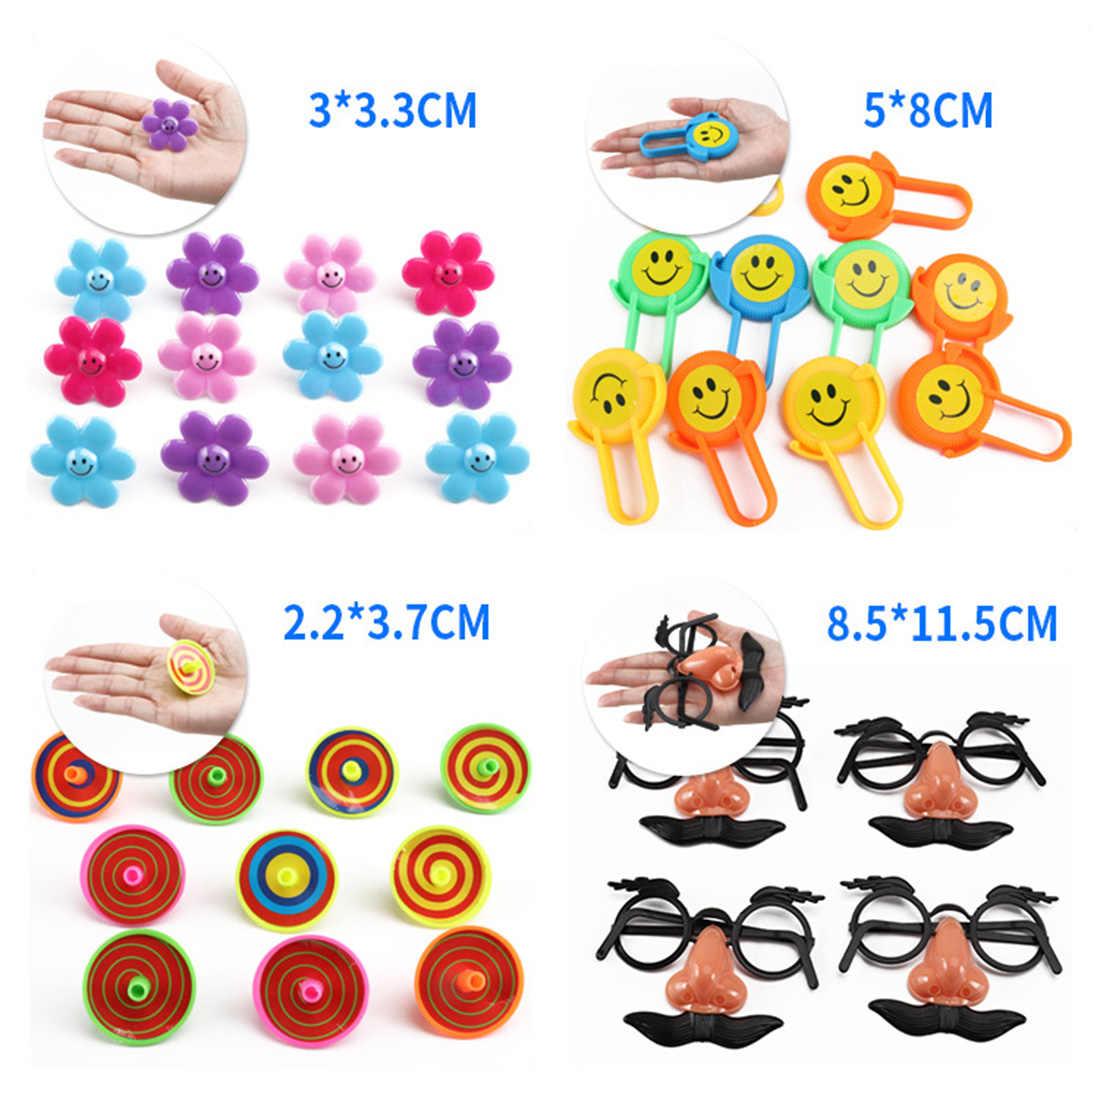 100 шт. детский день рождения подарки призы Ассорти маленькие игрушки Набор Дети партия подарки для детей подарки на день рождения 2018 Новый